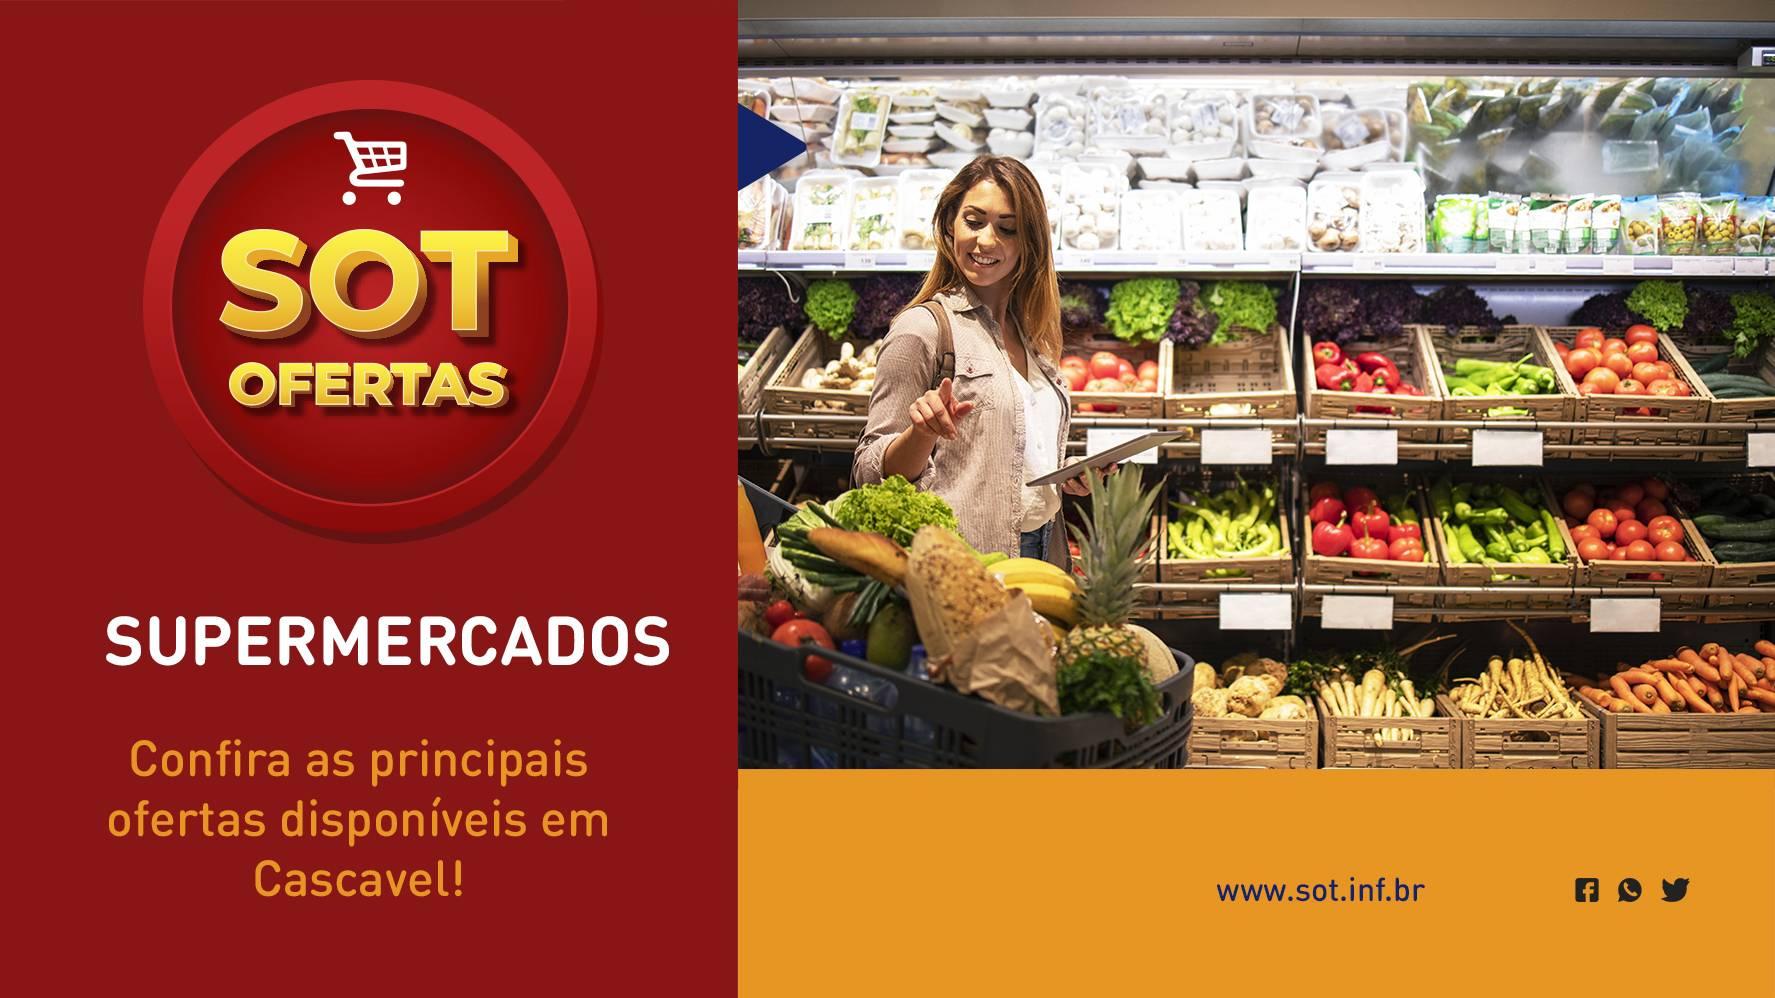 SOT Ofertas – Supermercados: Confiras as principais promoções (28/05 à 30/05)